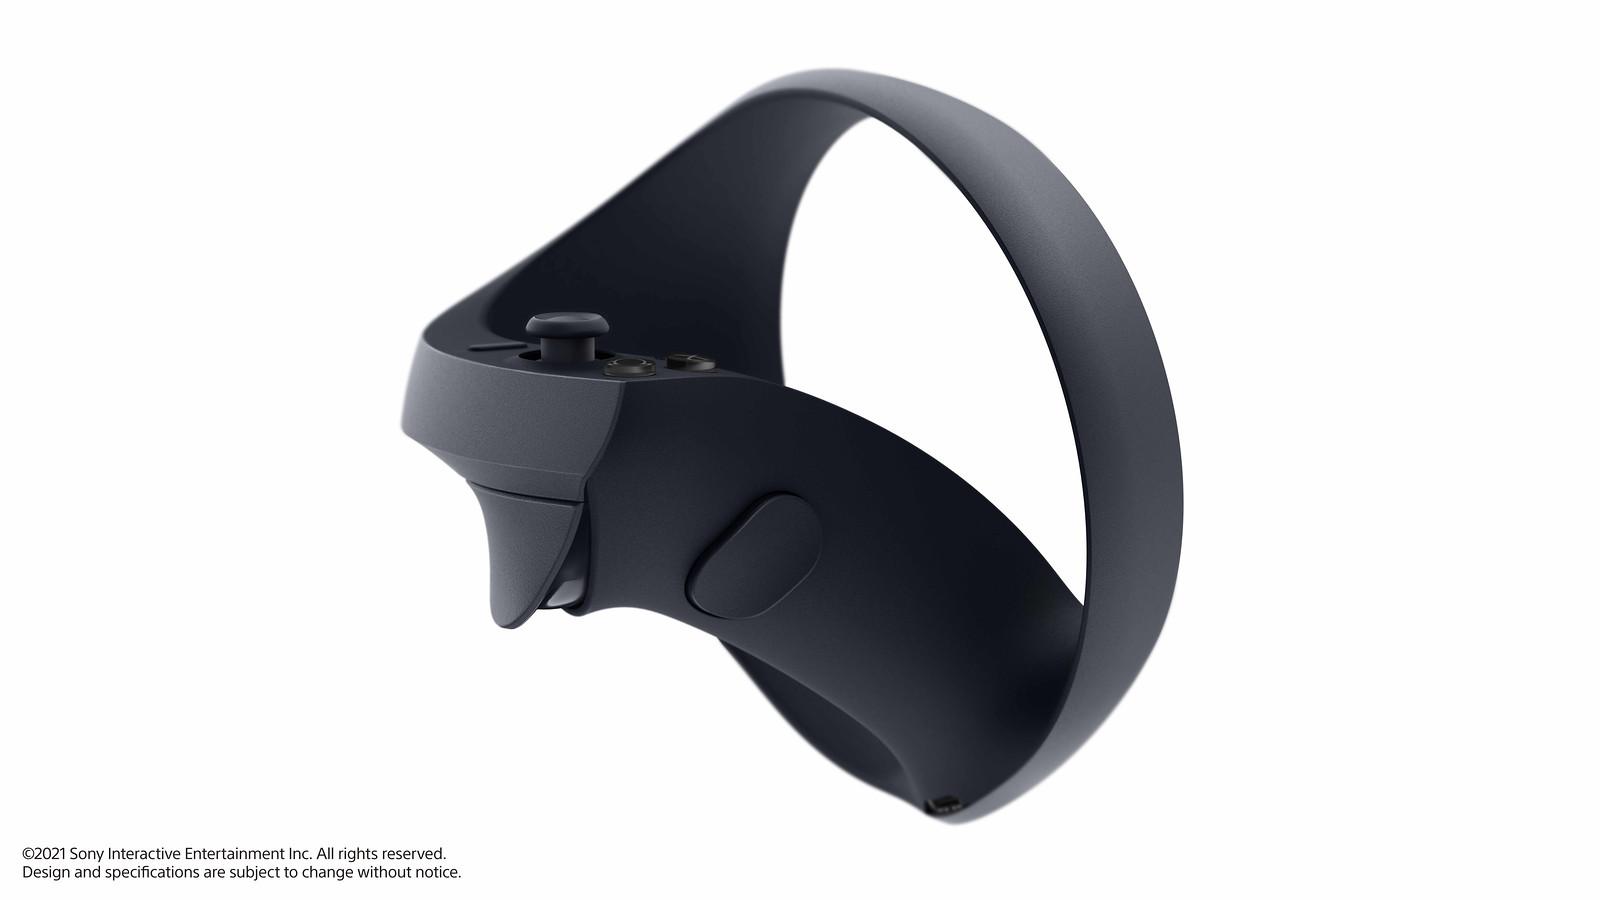 Nuevo mando VR PS5